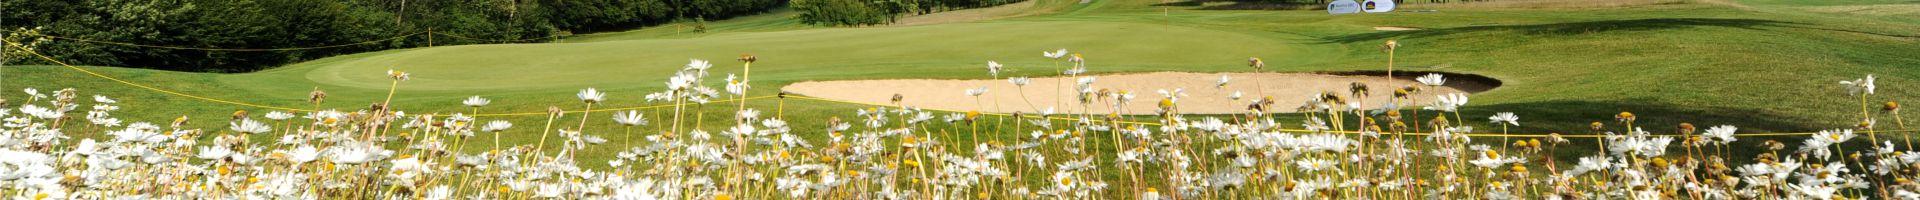 Le golf de l'Aa Saint-Omer